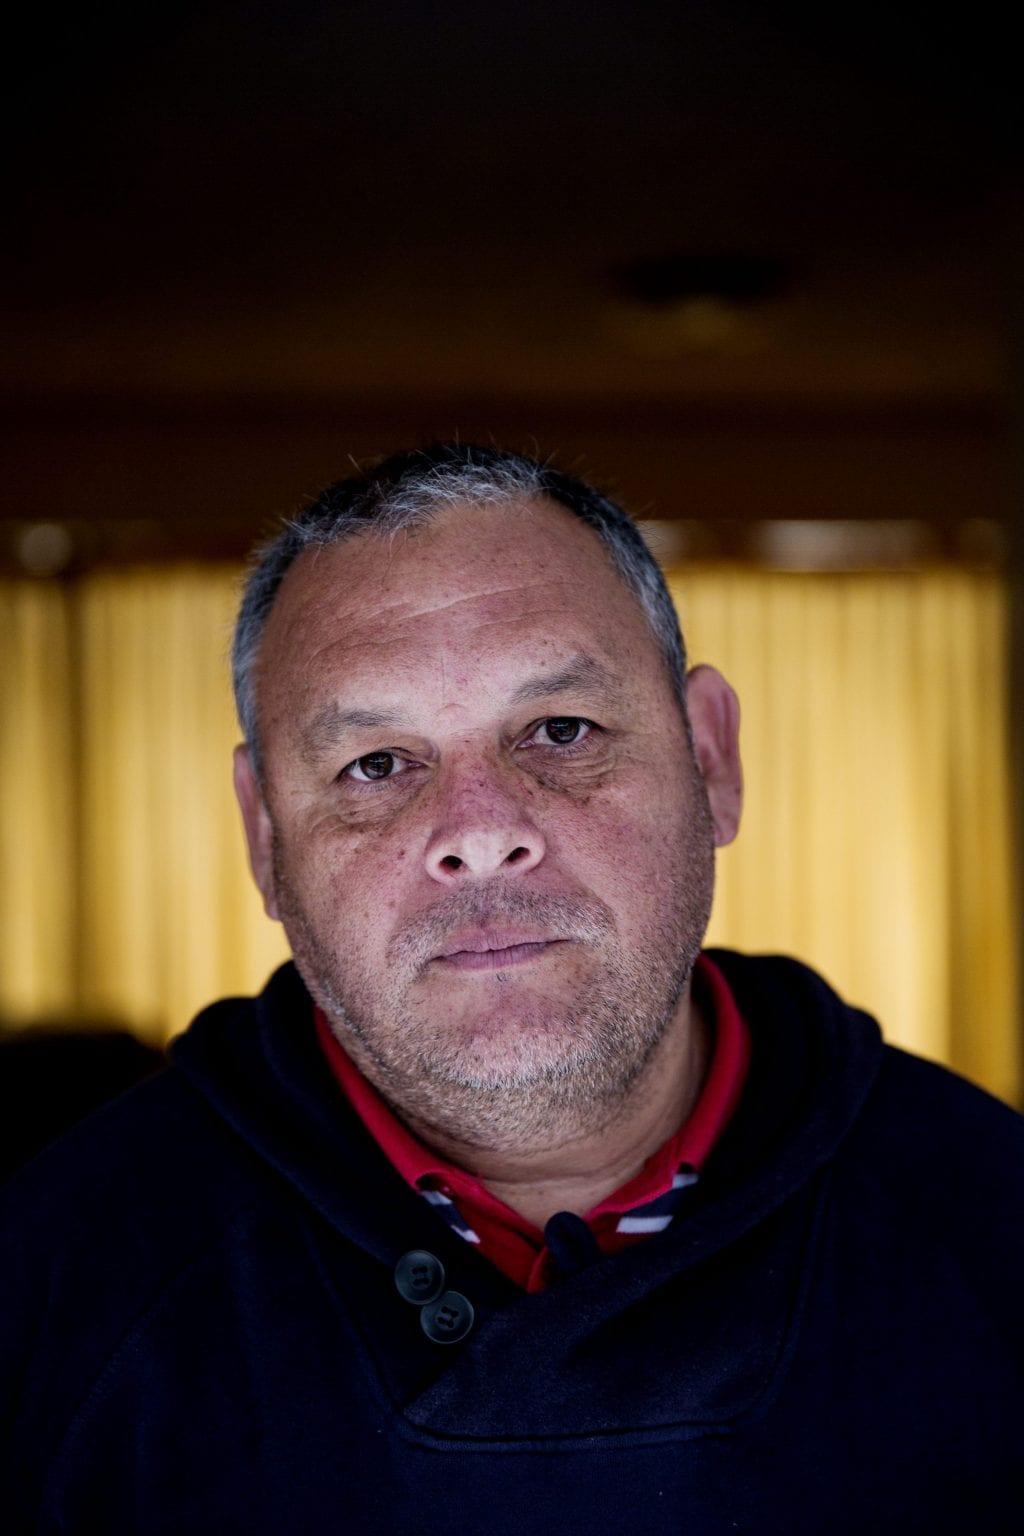 """Aktivist for vandrettigheder, Rodrigo Mundaca, modtog dødstrusler i kølvandet på Danwatchs undersøgelse. Han vil dog ikke trække sine udtalelser tilbage på trods af truslerne: """"Vi har kæmpet for chilenernes ret til vand, og det fortsætter vi med""""."""